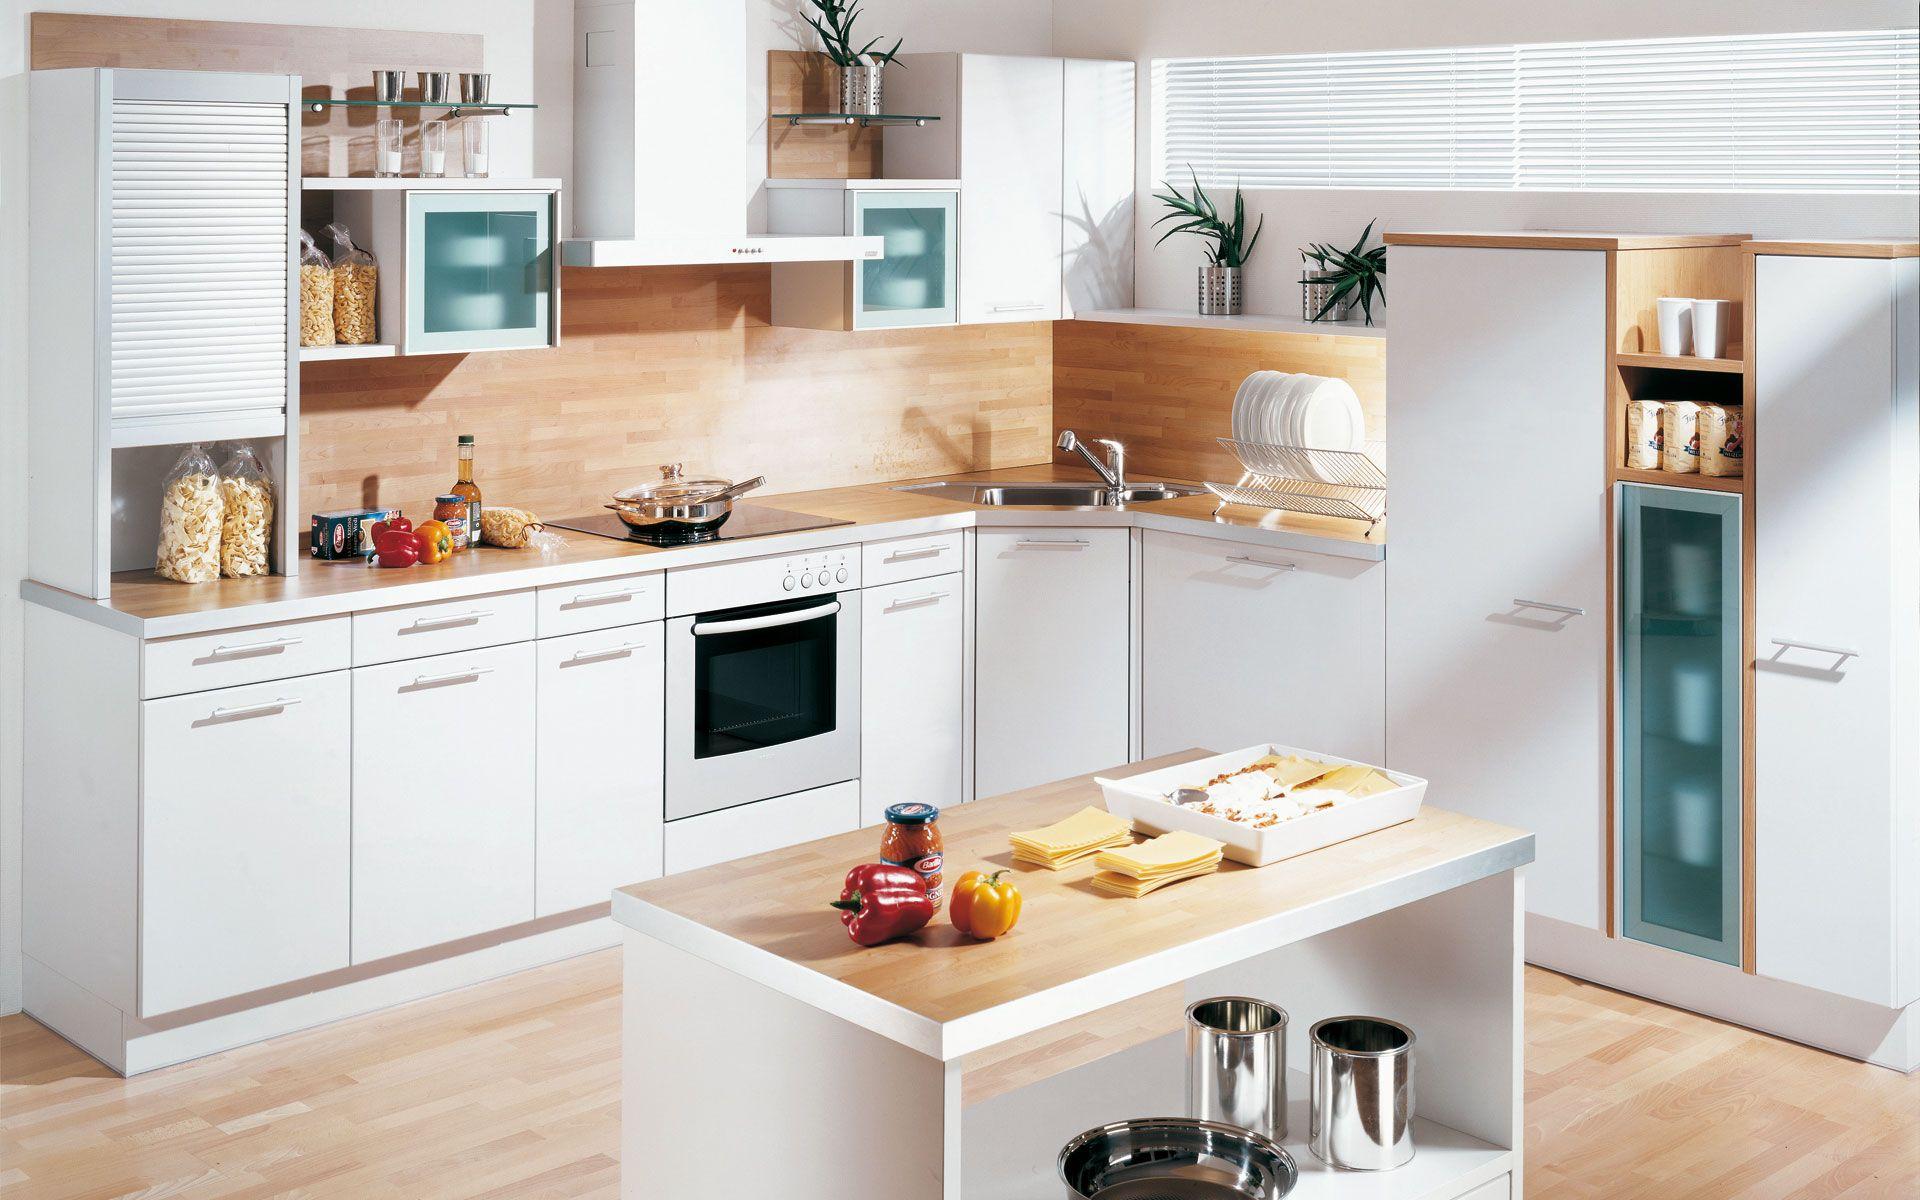 einbauk che mit insel k che kitchen cabinets kitchen. Black Bedroom Furniture Sets. Home Design Ideas